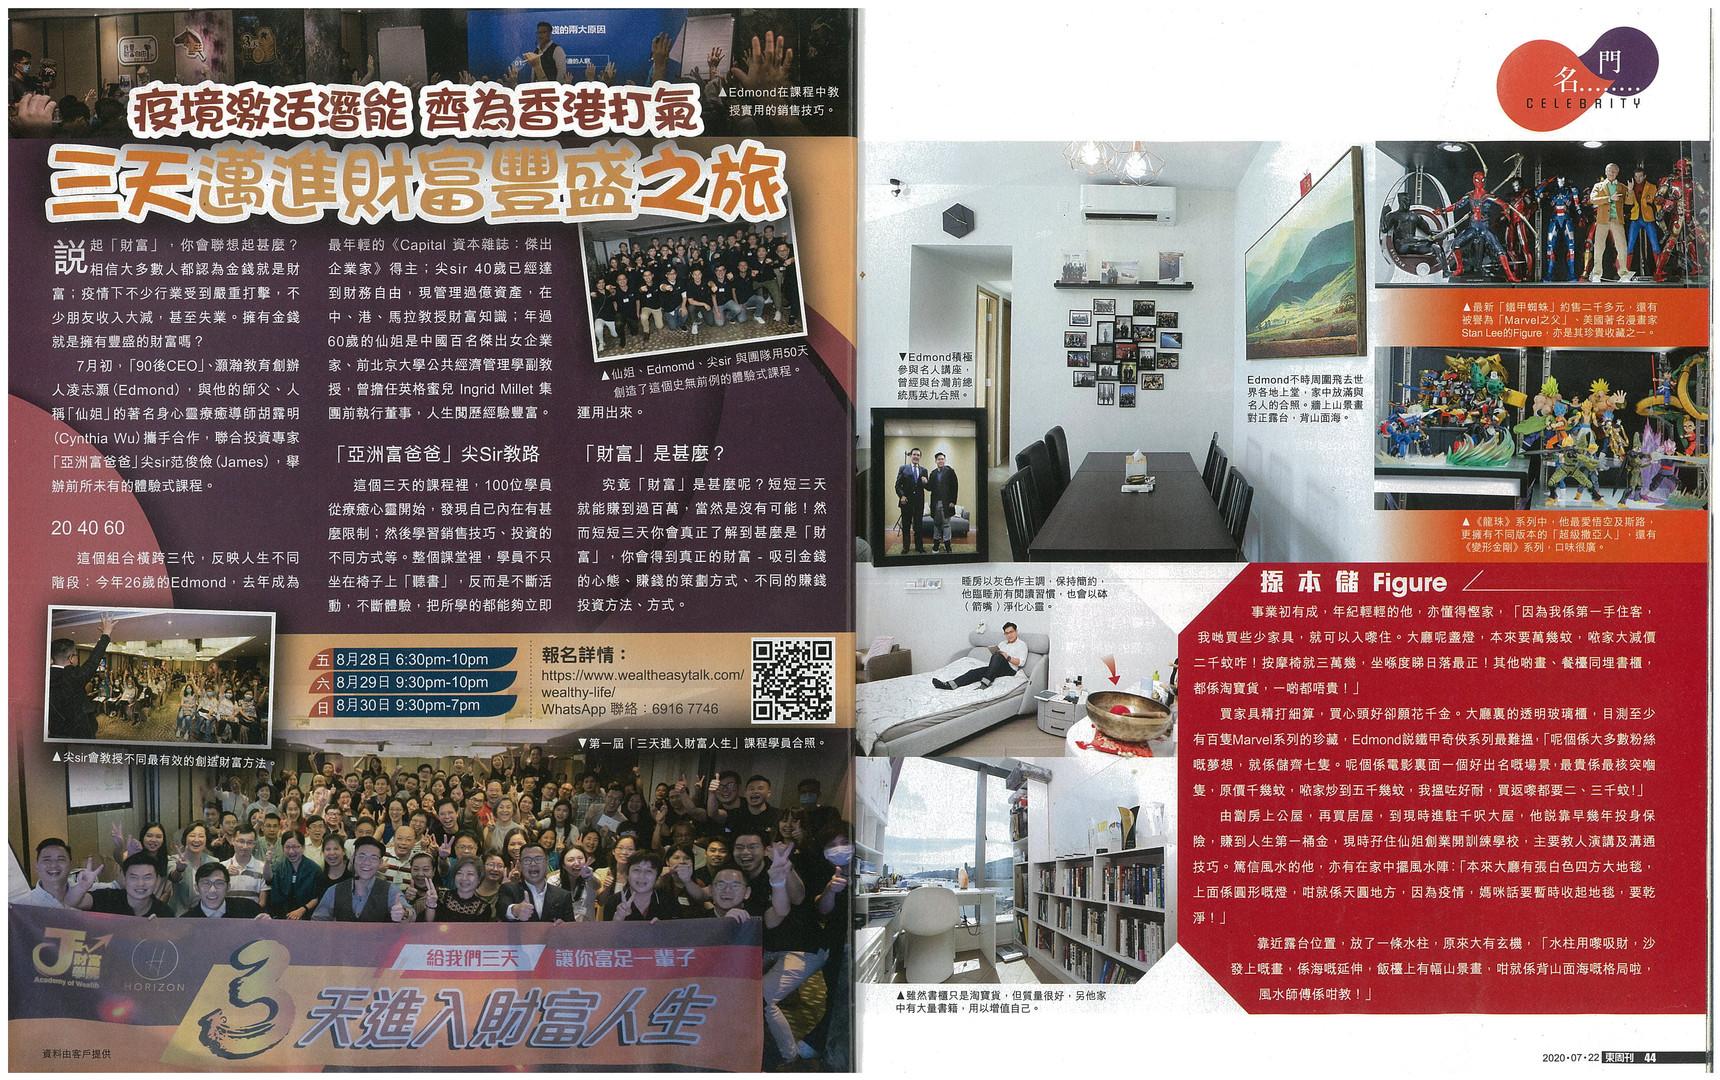 東周刊_名門_July 22 2020-2.jpg